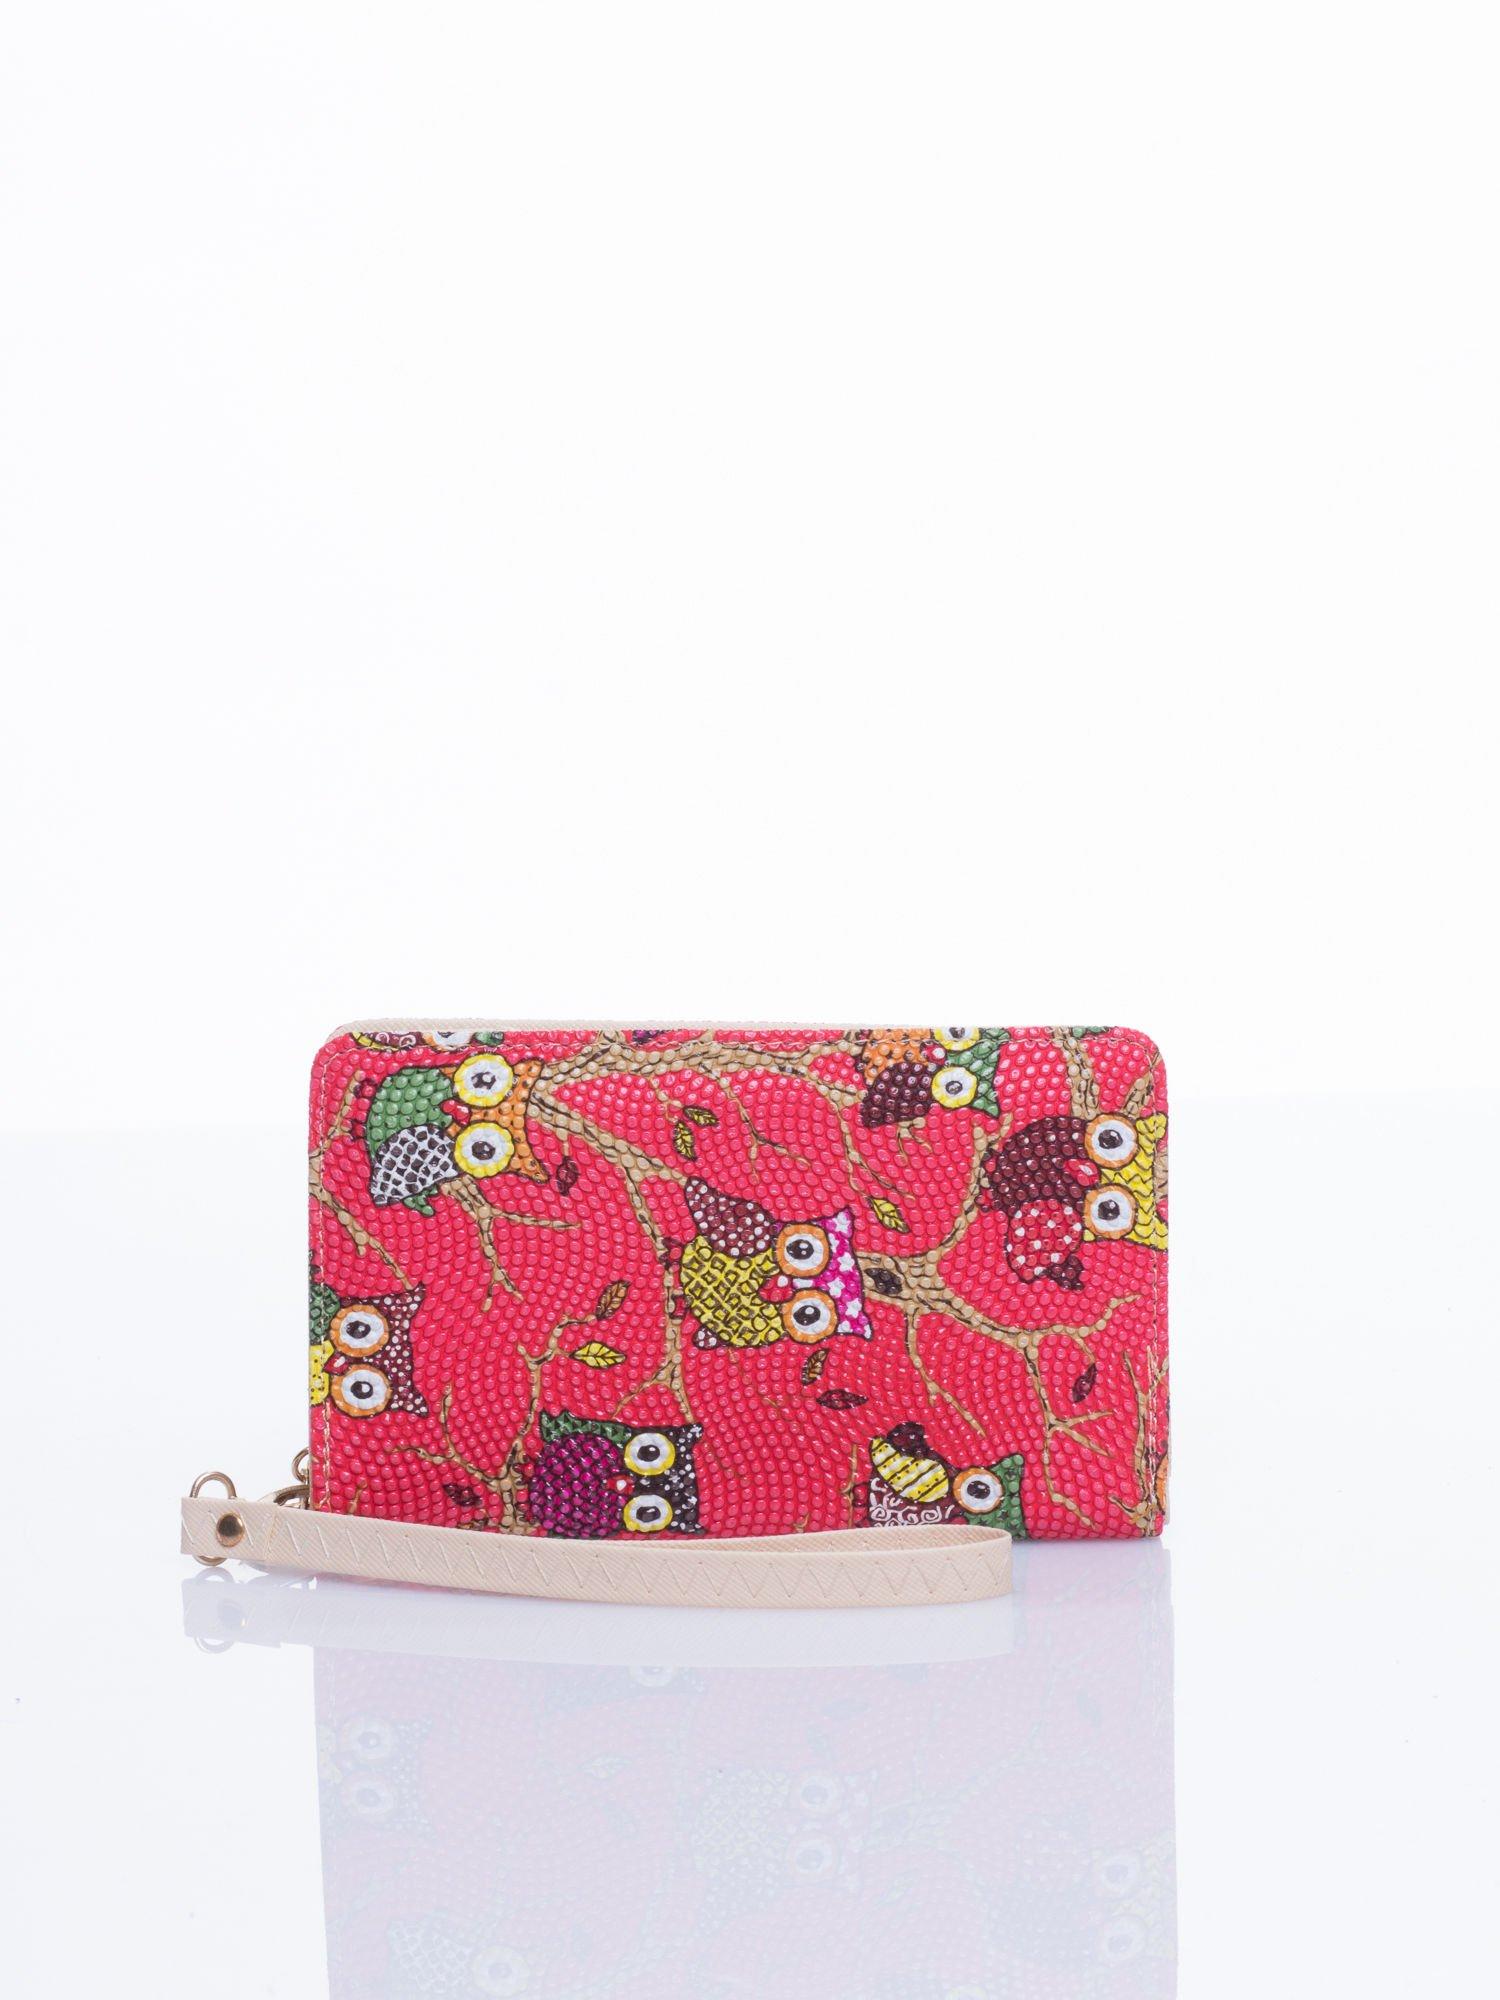 Czerwony mini portfel w sówki                                  zdj.                                  1